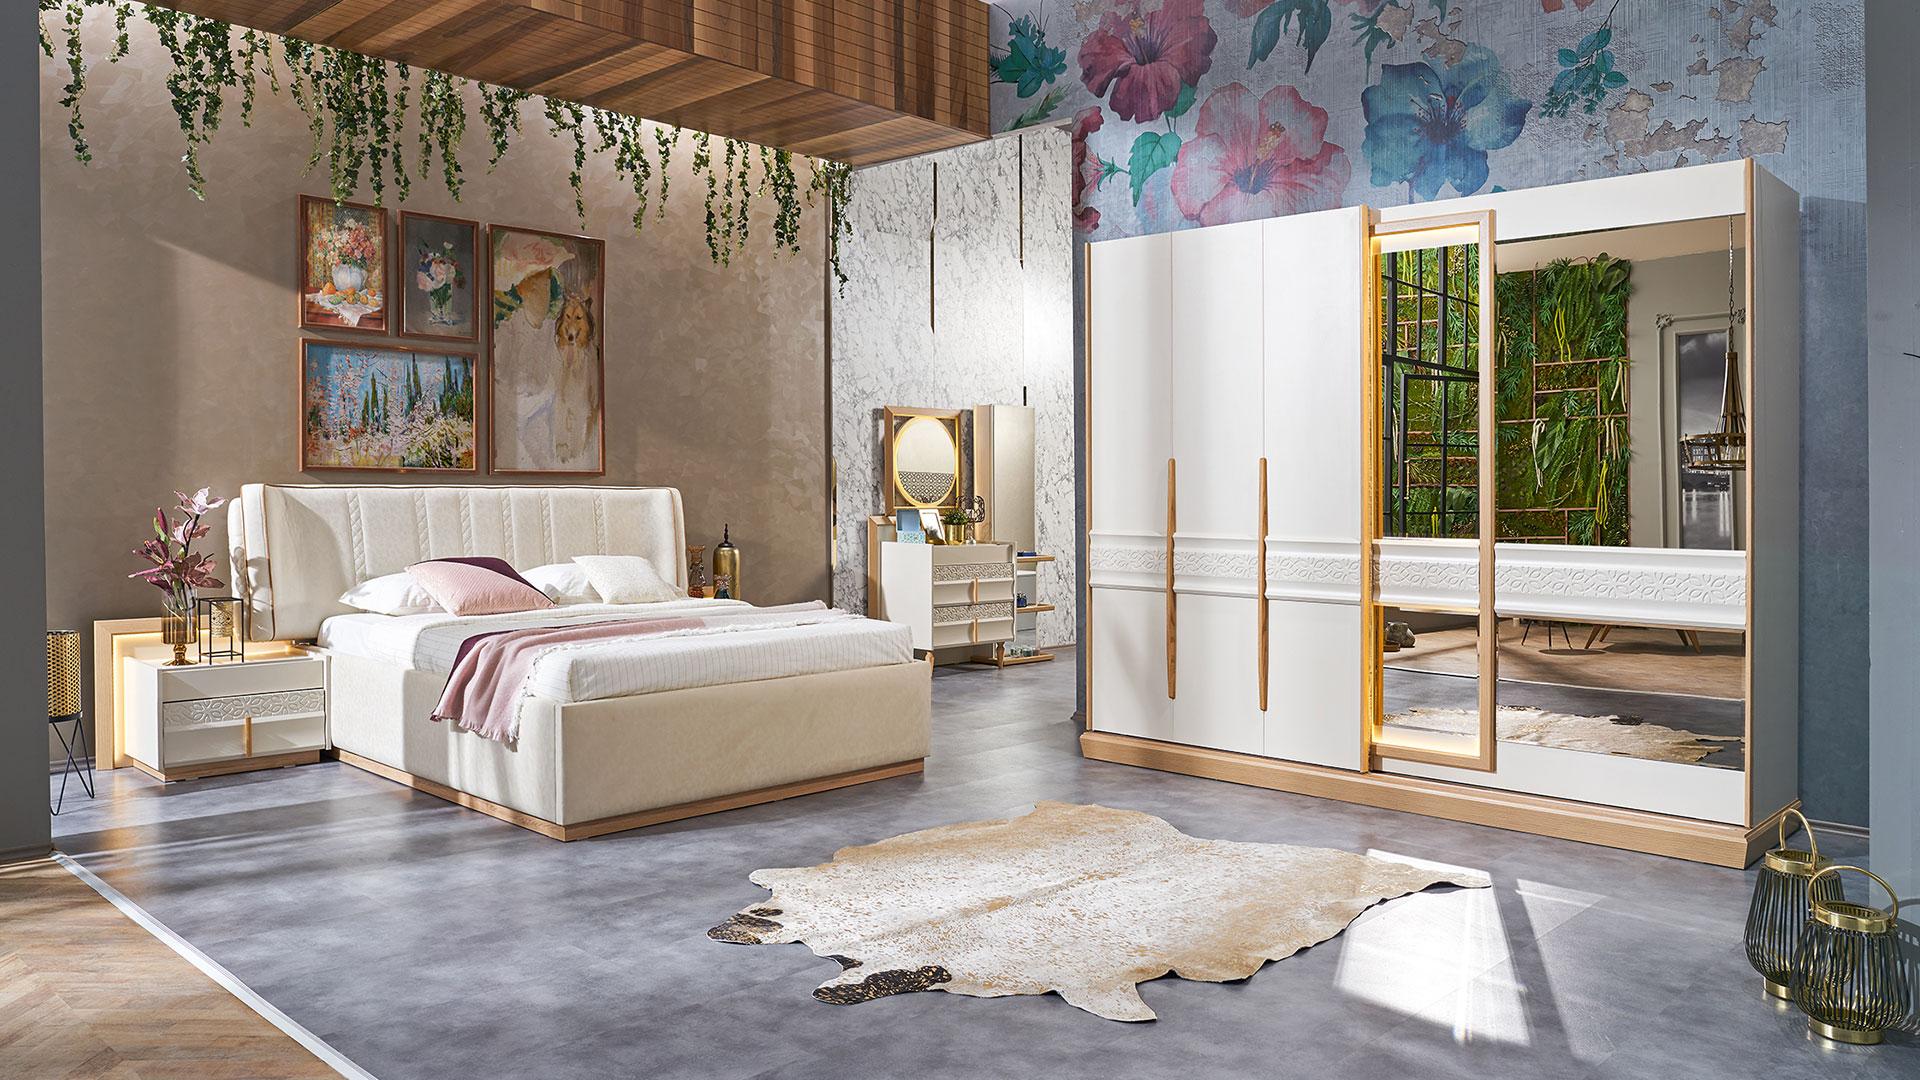 تصميمات غرف نوم مودرن 2019 ديكور ابداع Decor Epda3